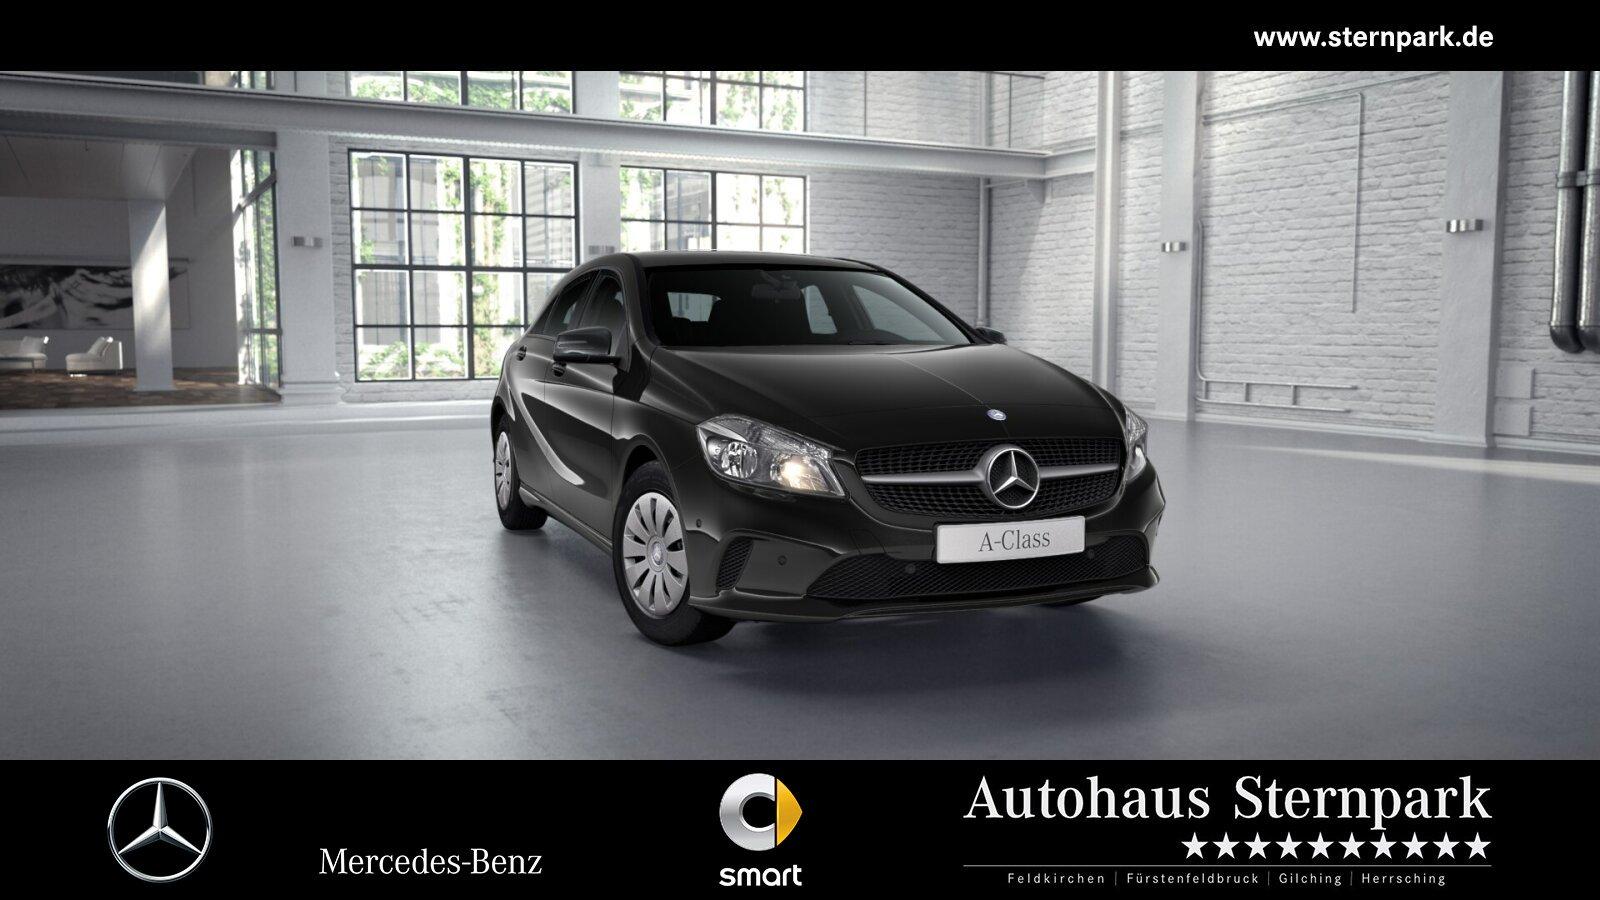 Mercedes-Benz A 160 Navi+CD+Klima+6-Gang+SHZ+Parkpilot+ R-CD, Jahr 2017, Benzin